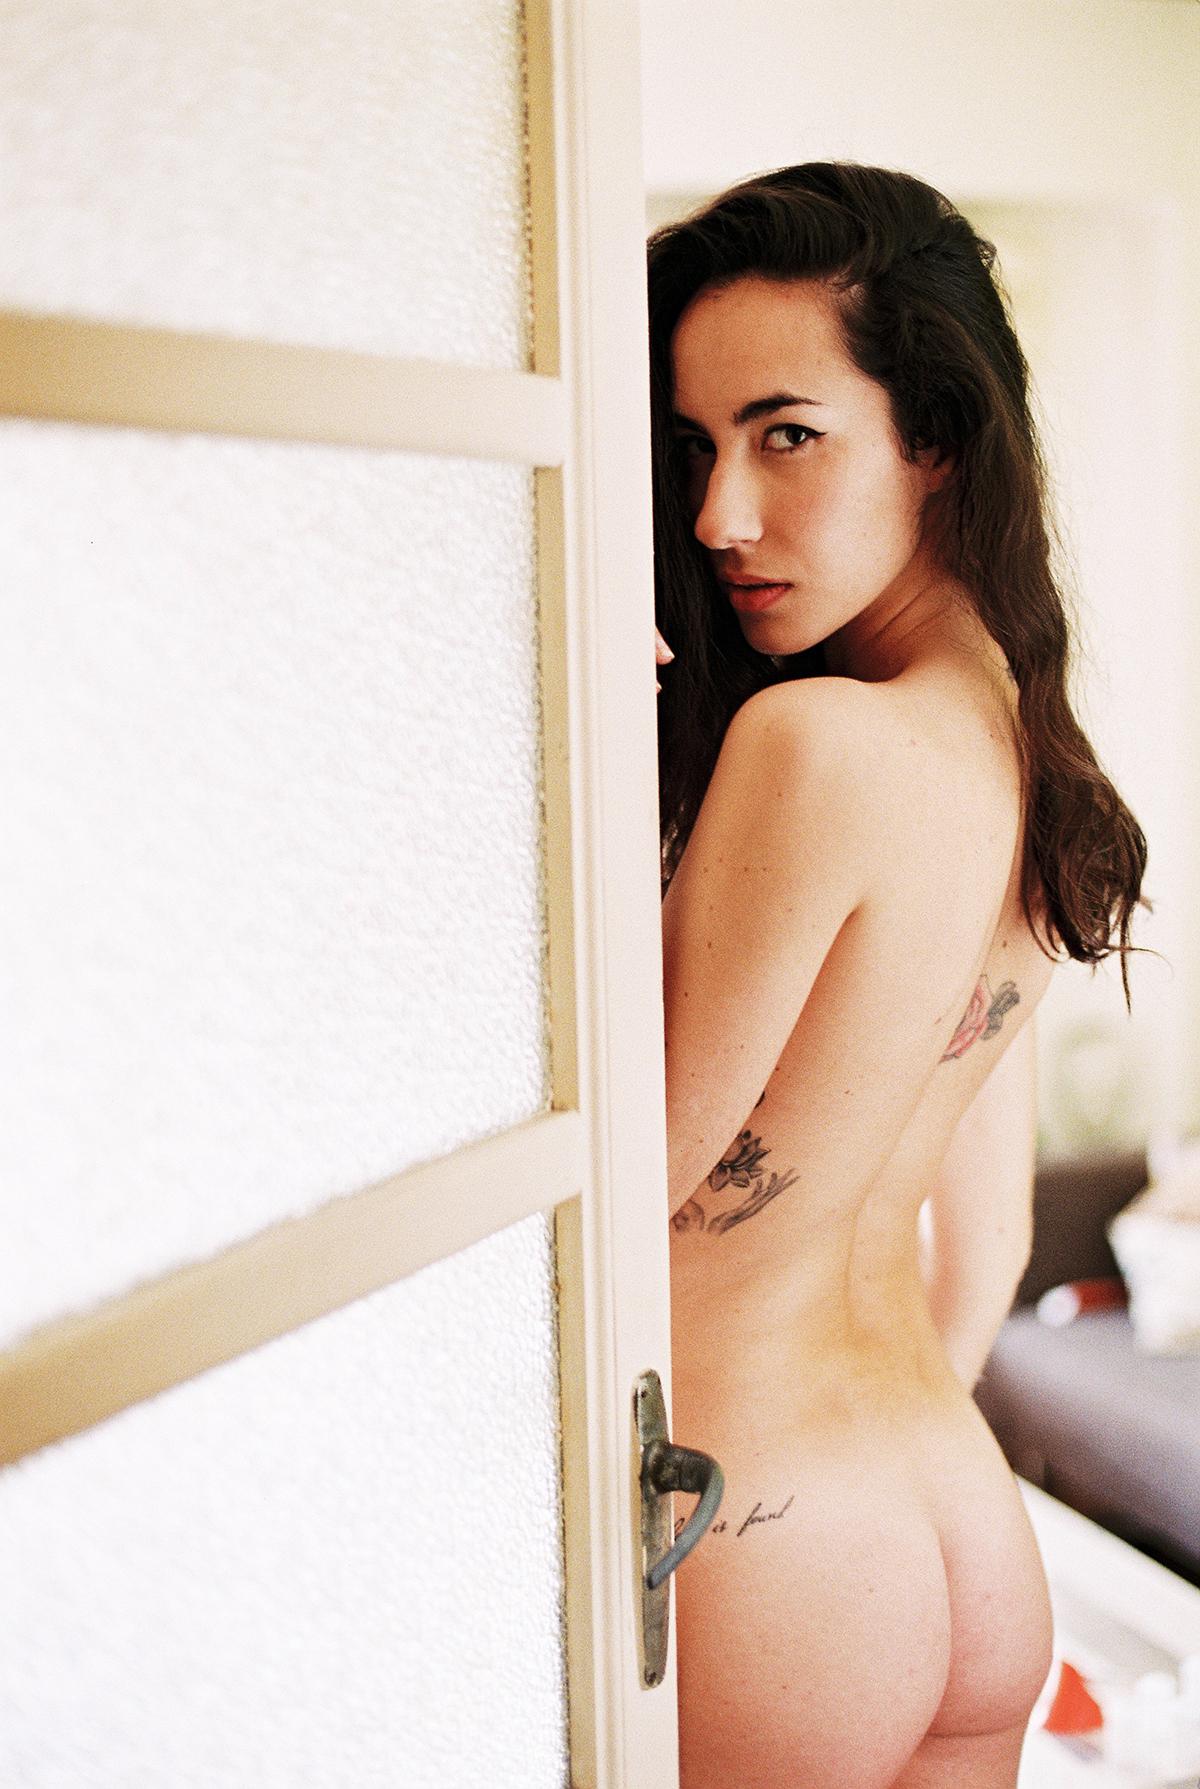 Alba Gijon - Hector Pozuelo photoshoot